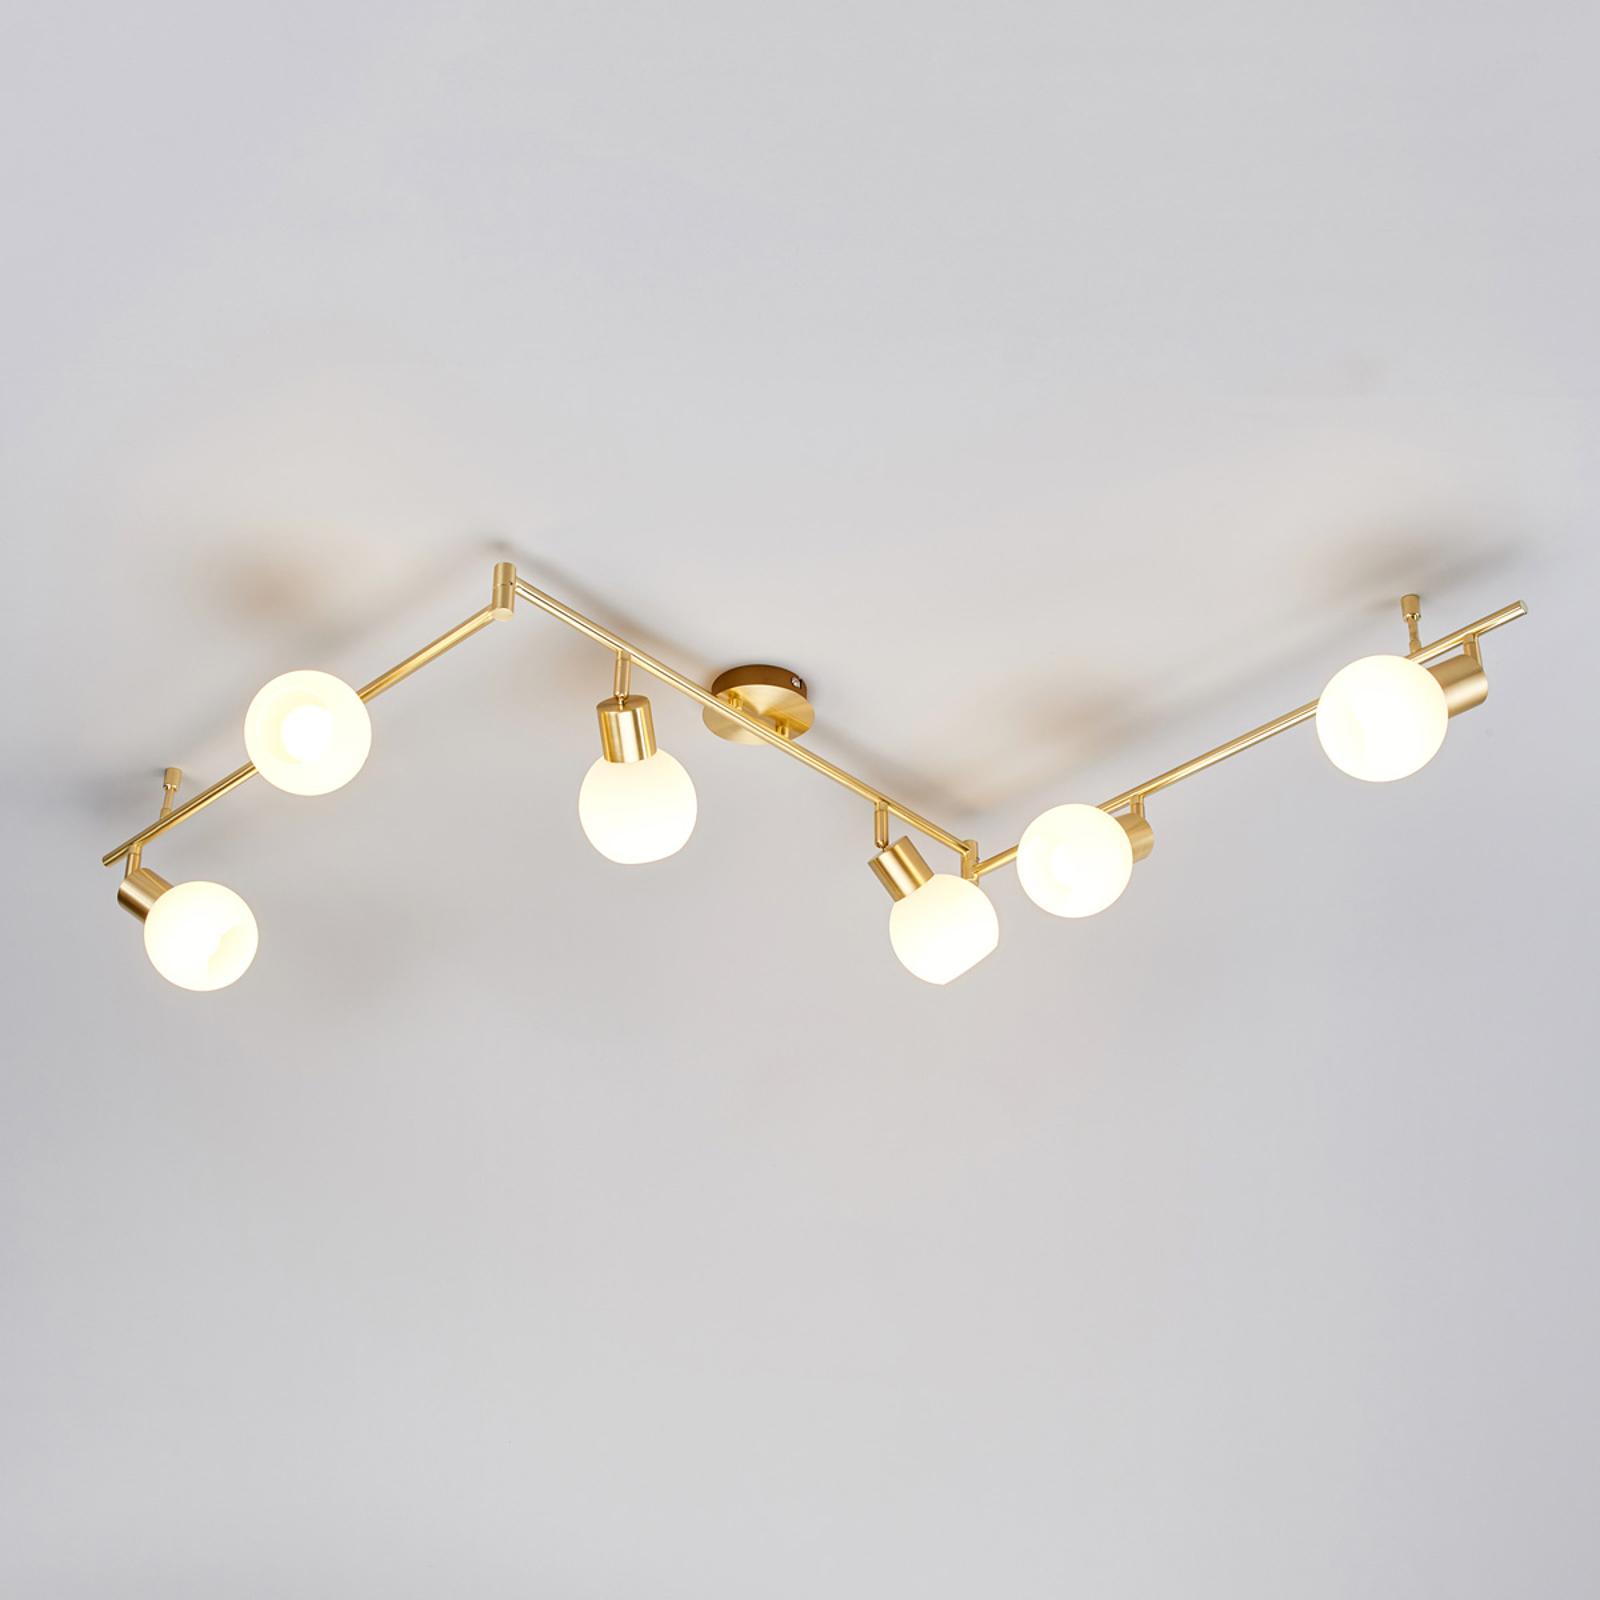 LED taklampa Elaina i mässing, 6 ljuskällor | Lamp24.se